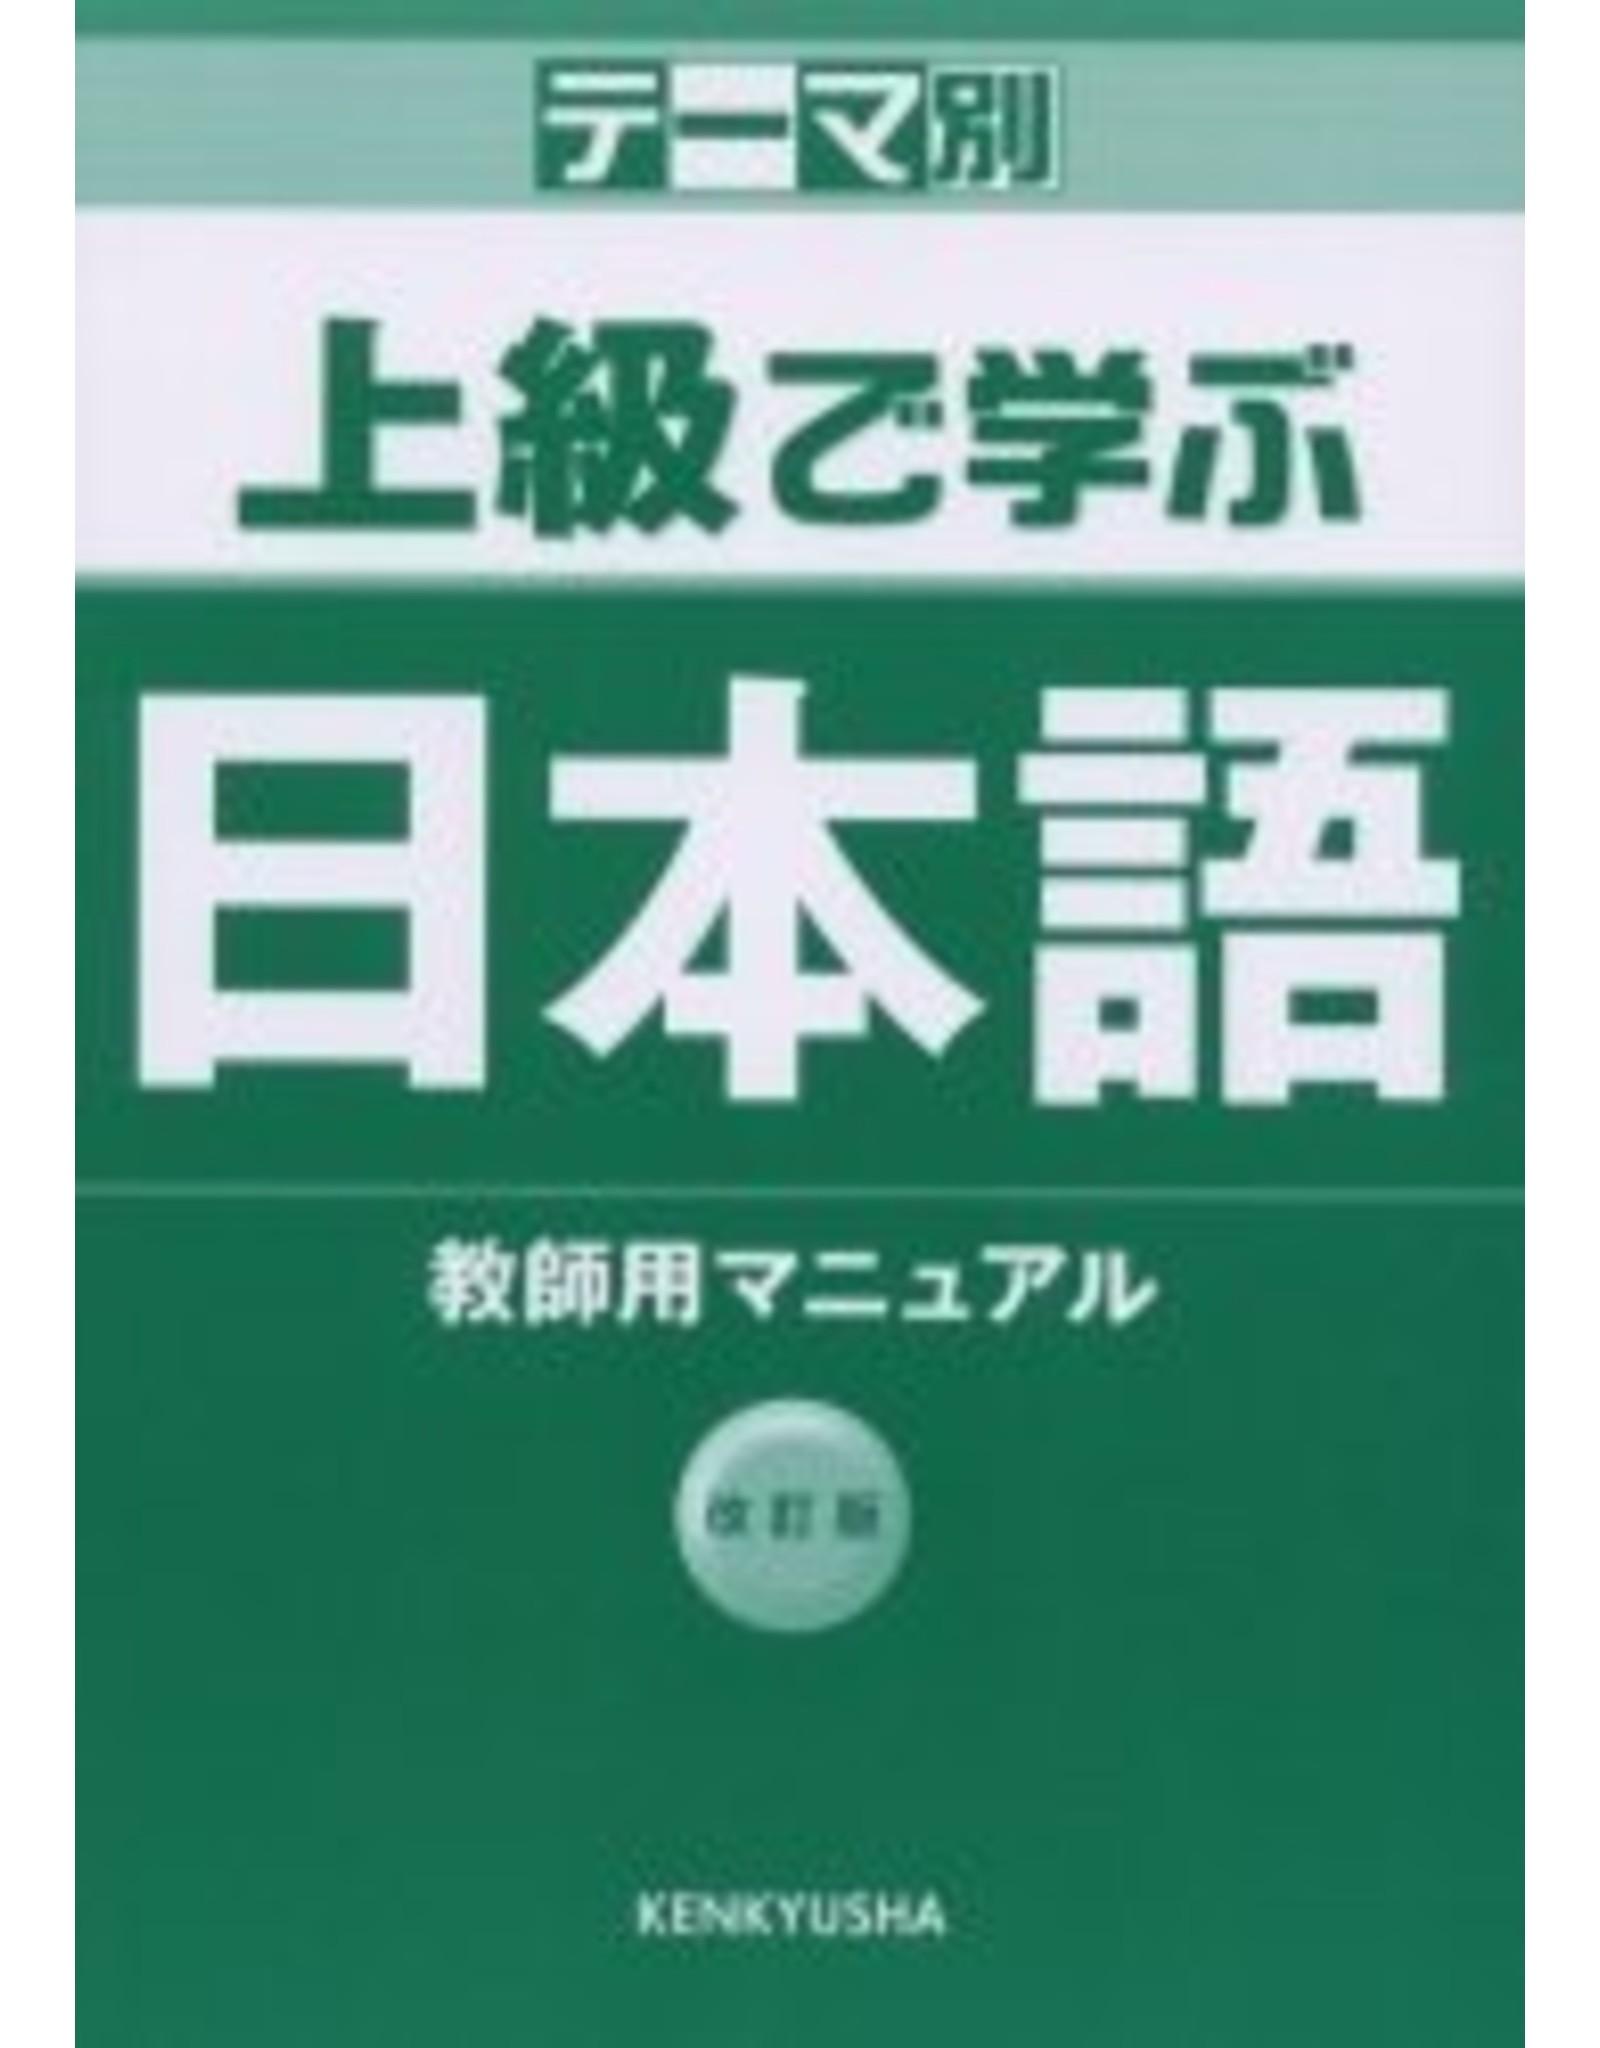 KENKYUSHA THEME-BETSU JOKYU DE MANABU NIHONGO/TEACHERS' MANUAL [REV.]